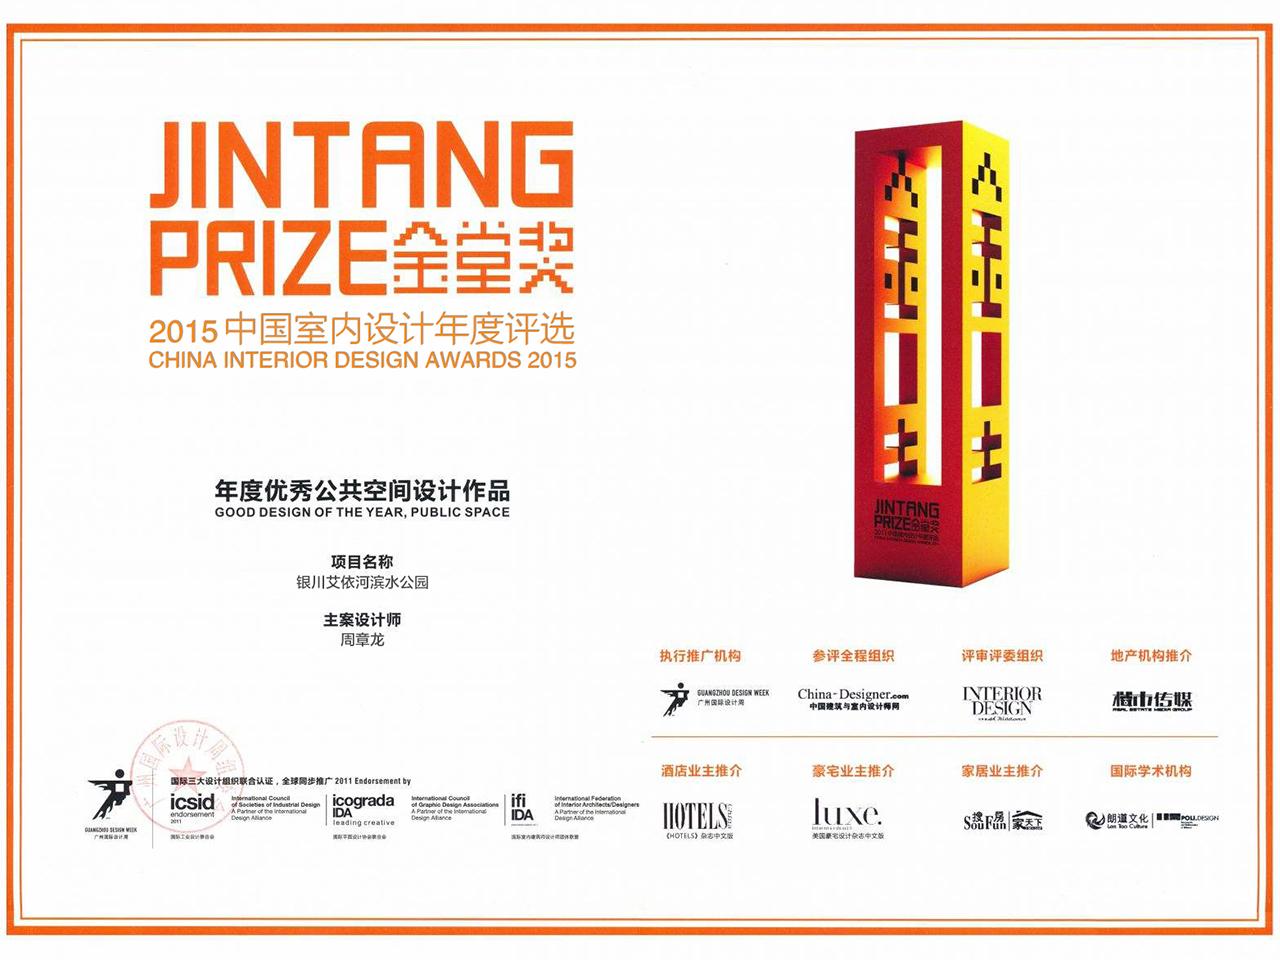 2015年度荣获2015中国室内设计年度评选金堂奖:优秀公共空间设计